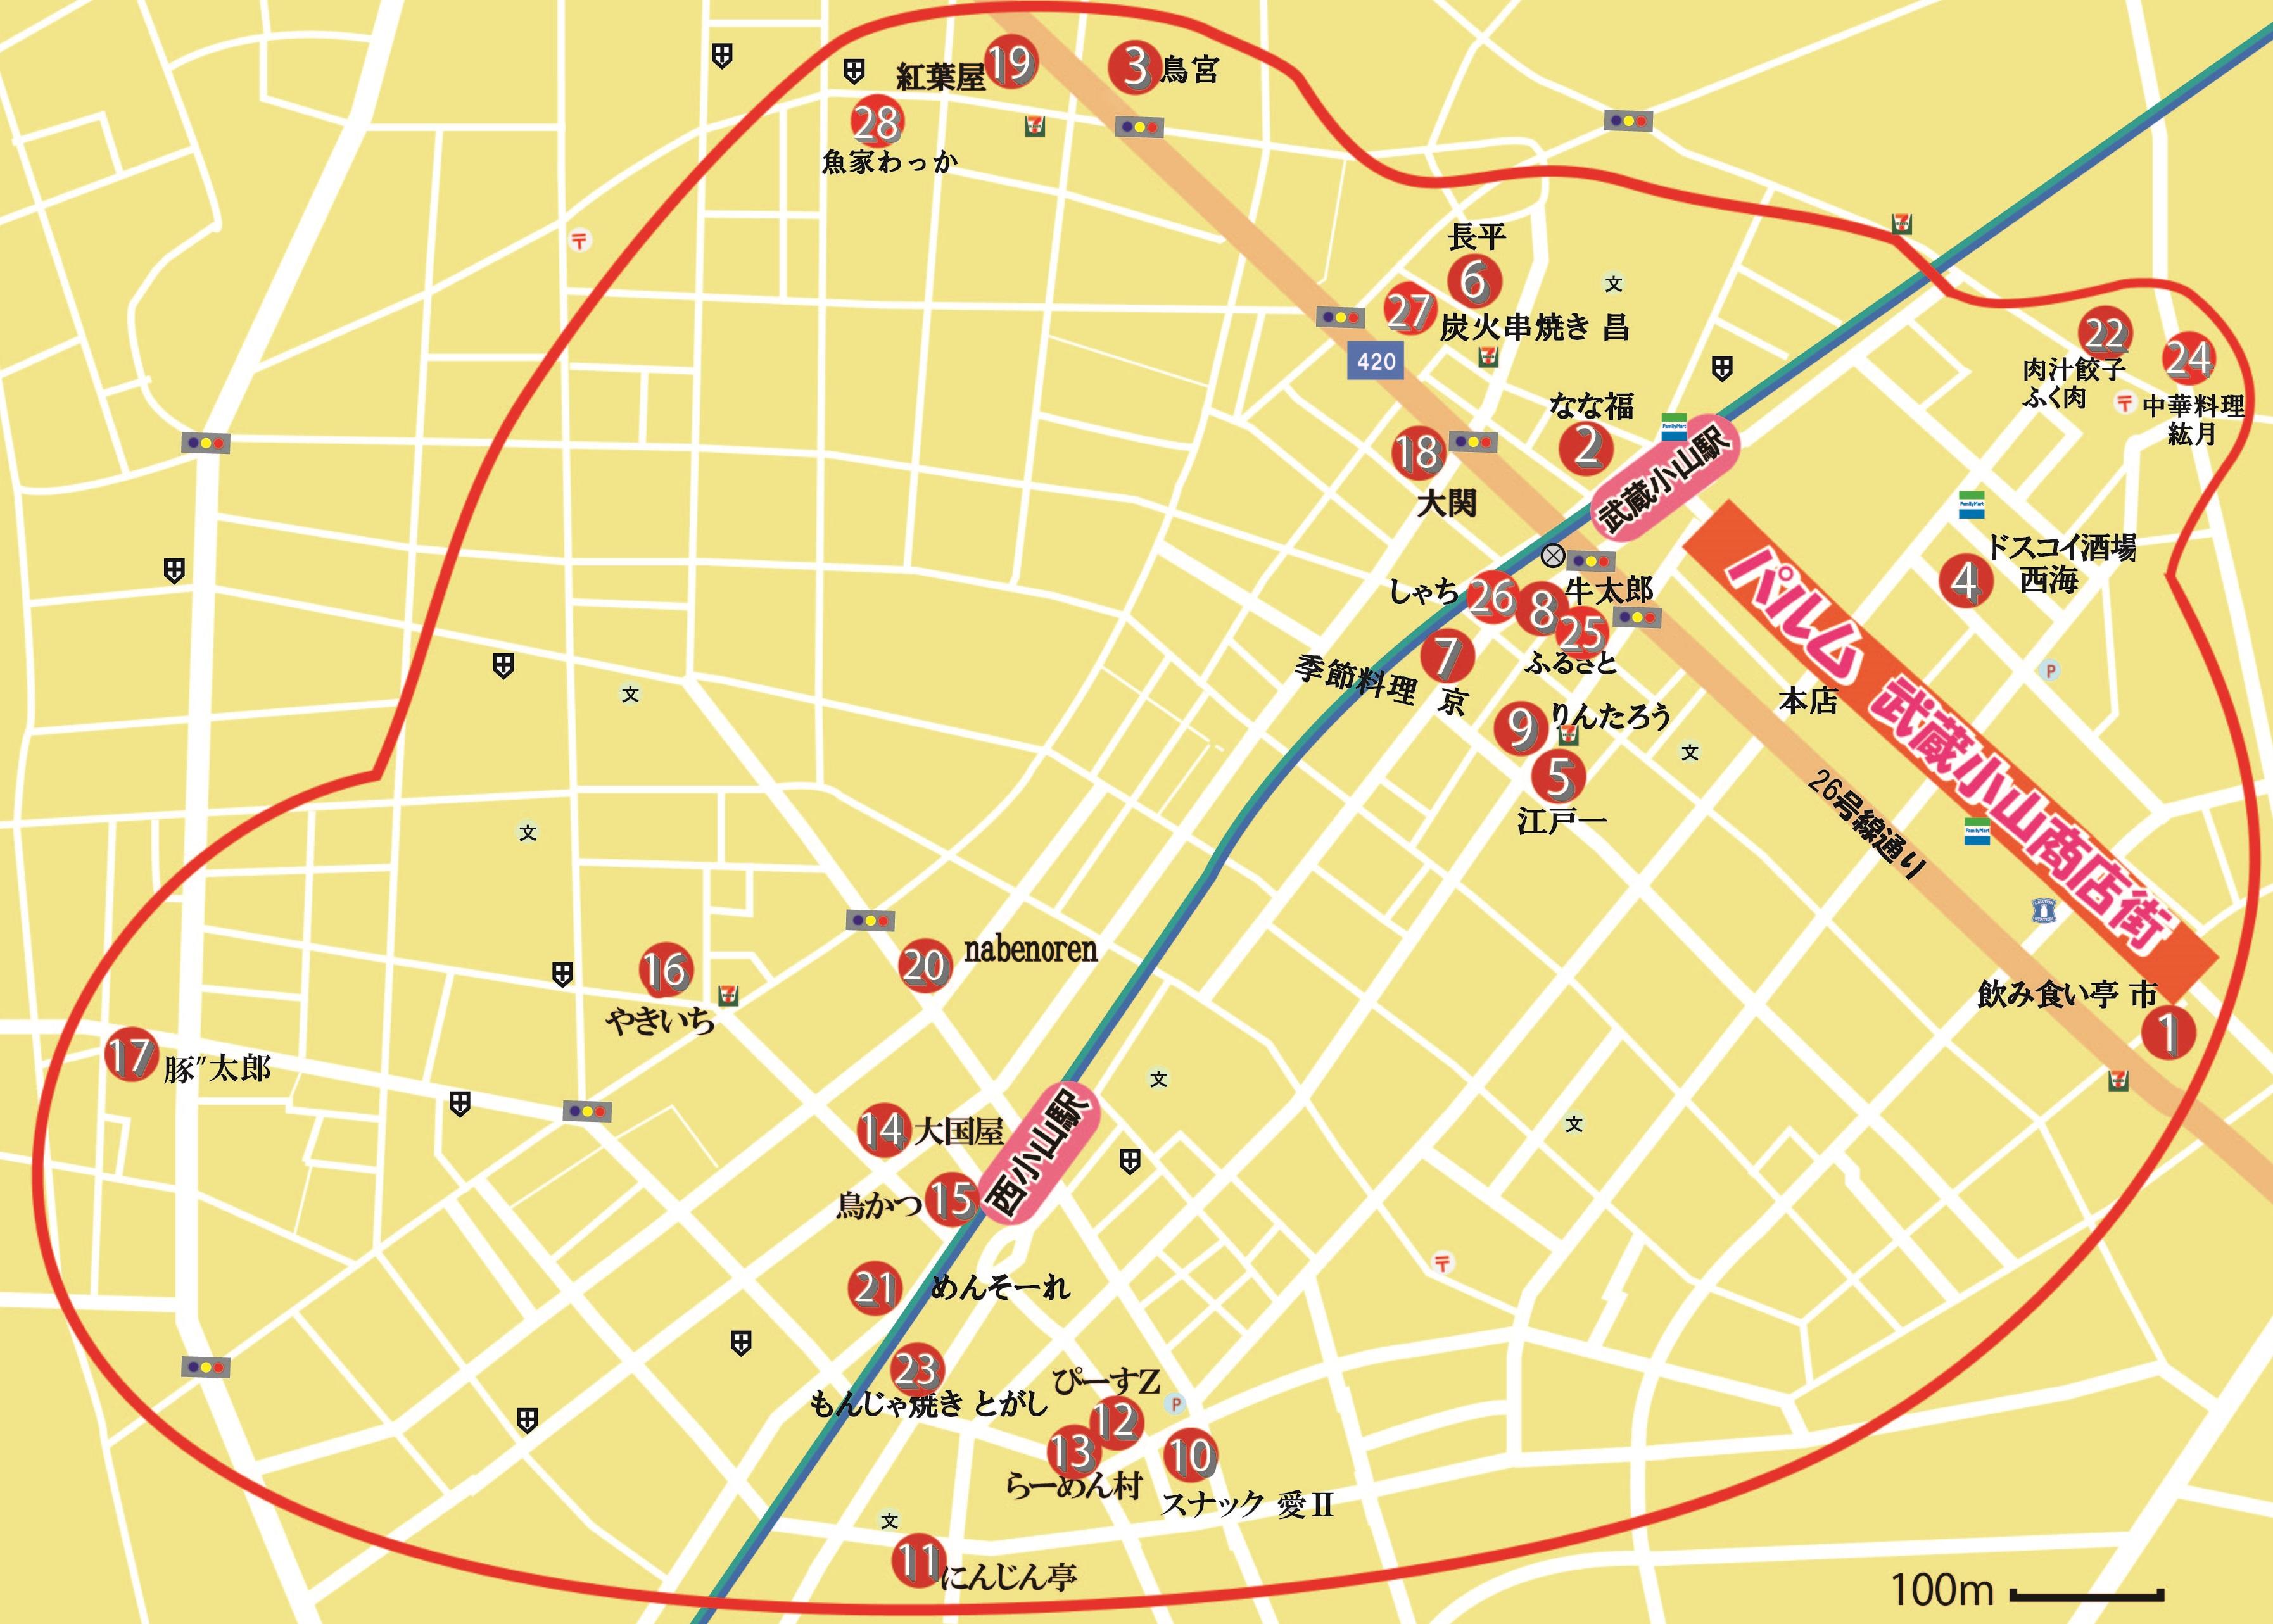 20180226_ハイサワー特区参加店地図_ビンゴ